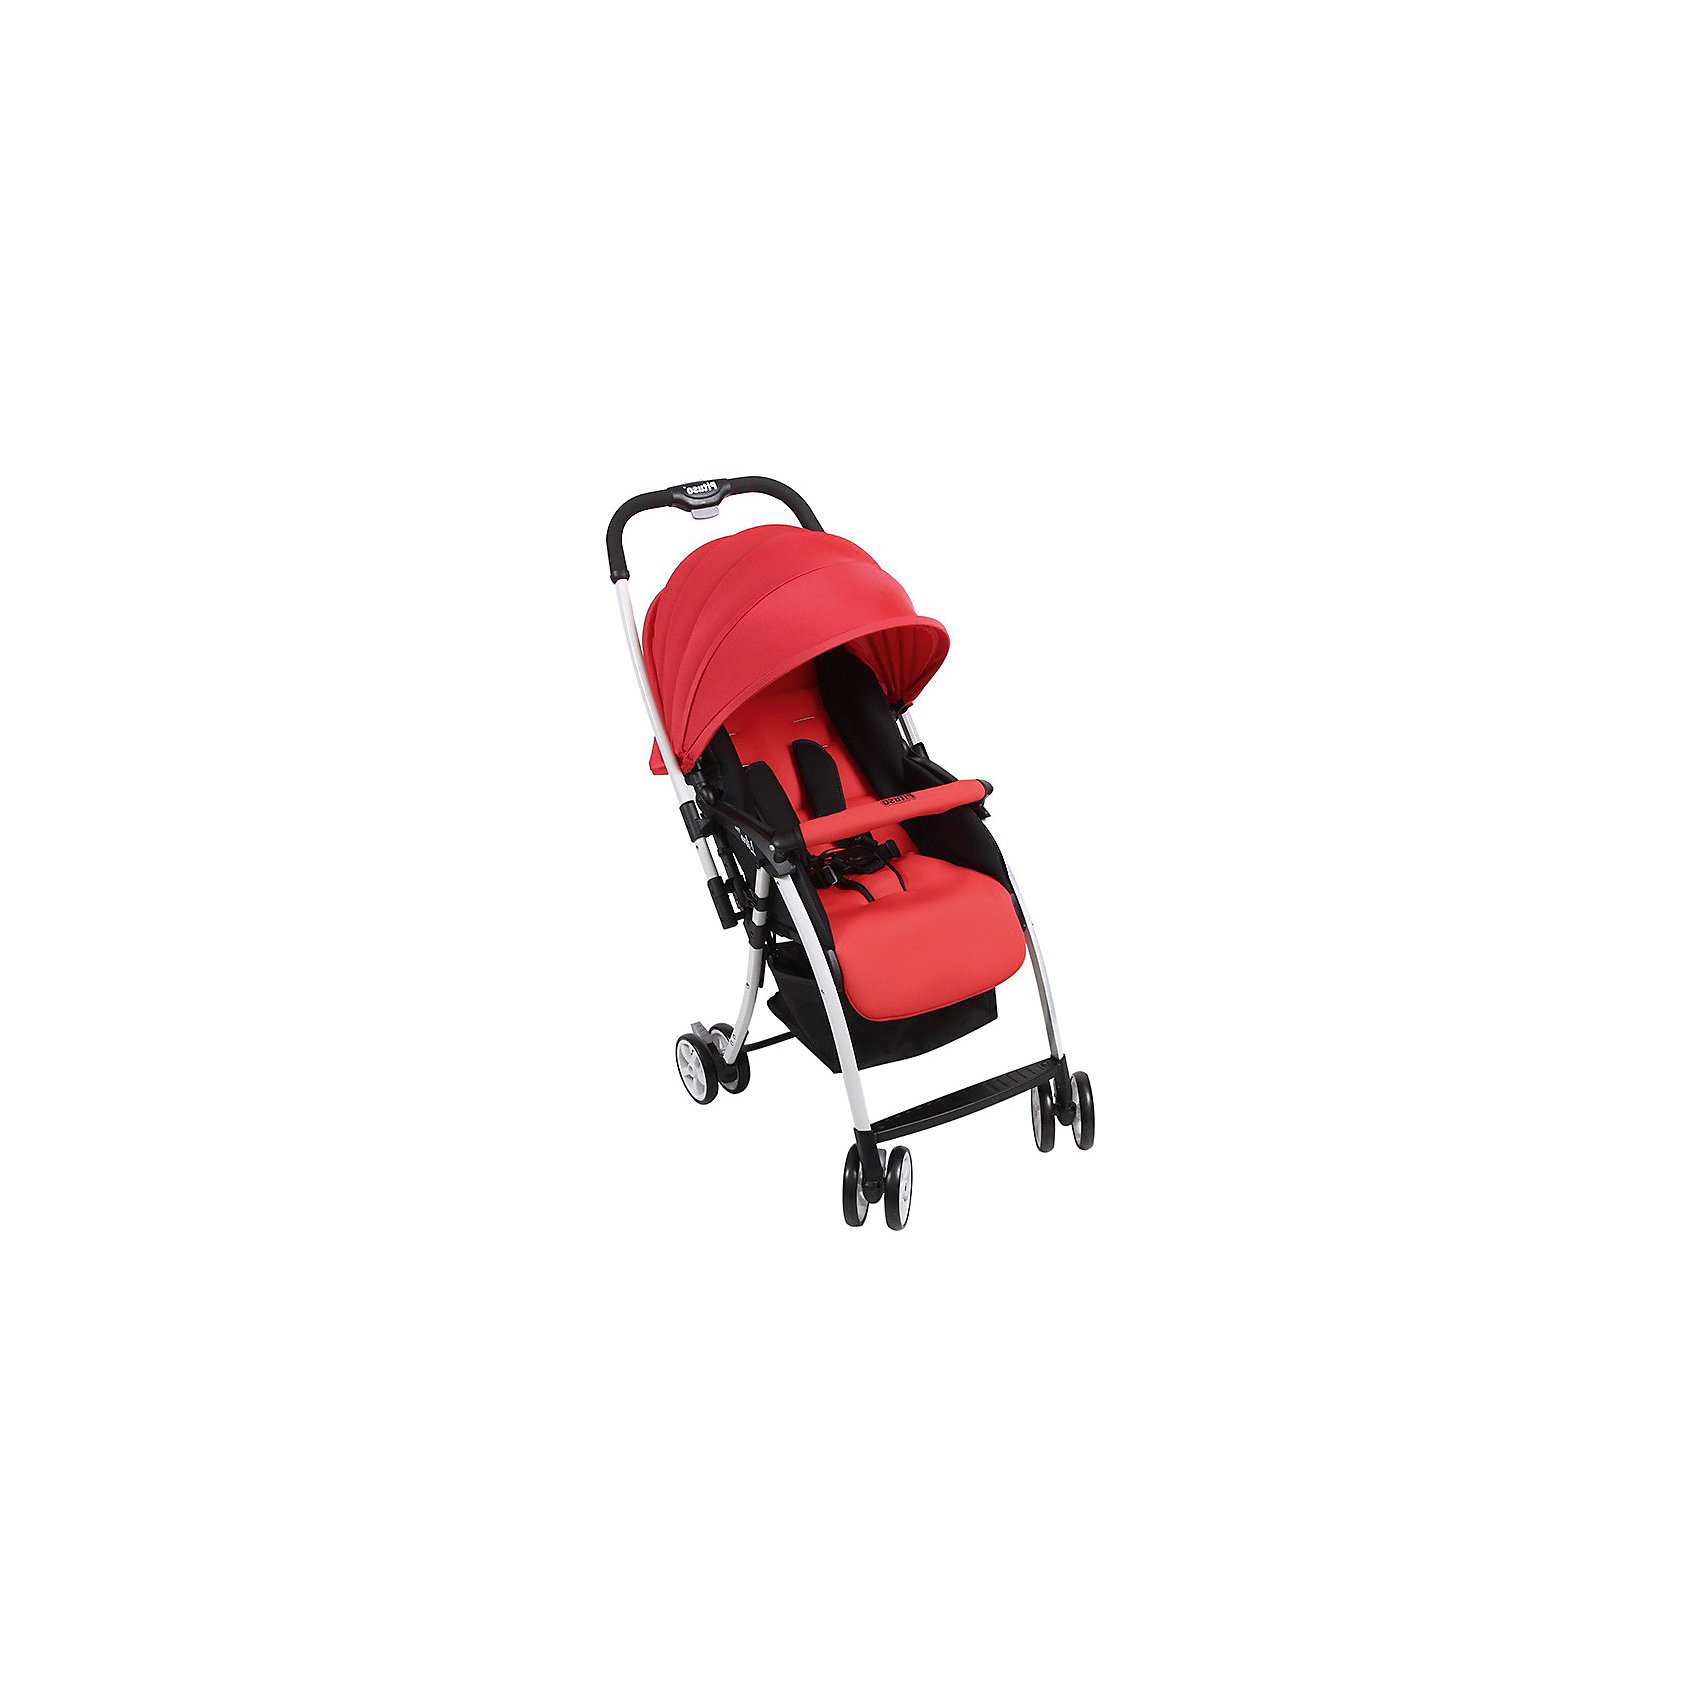 Прогулочная коляска Pituso LIBRO PLUS, красныйПрогулочные коляски<br>Стильная удобная коляска-книжка LIBRO PLUS гулять с ребенком, не беспокоясь при этом о его безопасности. Красивый цвет коляски привлечет внимание малыша. Эта модель очень удобна: есть индивидуальный тормоз для каждого колеса, коляска легкая и прочная.<br>Модель очень легко складывается, конструкция  - очень устойчивая. Большой капор может раскладываться до бампера, создавая уютное место для отдыха малыша. Ткань обивки мягкая и приятная на ощупь. Легко моется и быстро сохнет. Модель дополнена 5-точечными ремнями безопасности. Изделие произведено из качественных и безопасных для малышей материалов, оно соответствуют всем современным требованиям безопасности.<br> <br>Дополнительная информация:<br><br>цвет: красный;<br>материал: металл, пластик, текстиль;<br>механизм складывания книжка;<br>перекидная ручка;<br>больший капор в цвет коляски;<br>регулировка спинки с помощью ремня;<br>индивидуальный тормоз для каждого колеса;<br>черные наплечники;<br>5-ти точечный ремень безопасности с мягкими накладками;<br>жесткое сиденье;<br>съемный бампер;<br>удобный механизм складывания подножки<br>корзина: сетка+ткань;<br>алюминиевая рама с бронзовым покрытием;<br>пластик черного цвета;<br>вес: 6,5 кг;<br>размер в разложенном состоянии: 75x45x101 см.<br><br>Прогулочная коляска LIBRO PLUS, красный, от компании Pituso можно купить в нашем магазине.<br><br>Ширина мм: 1100<br>Глубина мм: 590<br>Высота мм: 450<br>Вес г: 6500<br>Возраст от месяцев: 7<br>Возраст до месяцев: 36<br>Пол: Унисекс<br>Возраст: Детский<br>SKU: 4720007